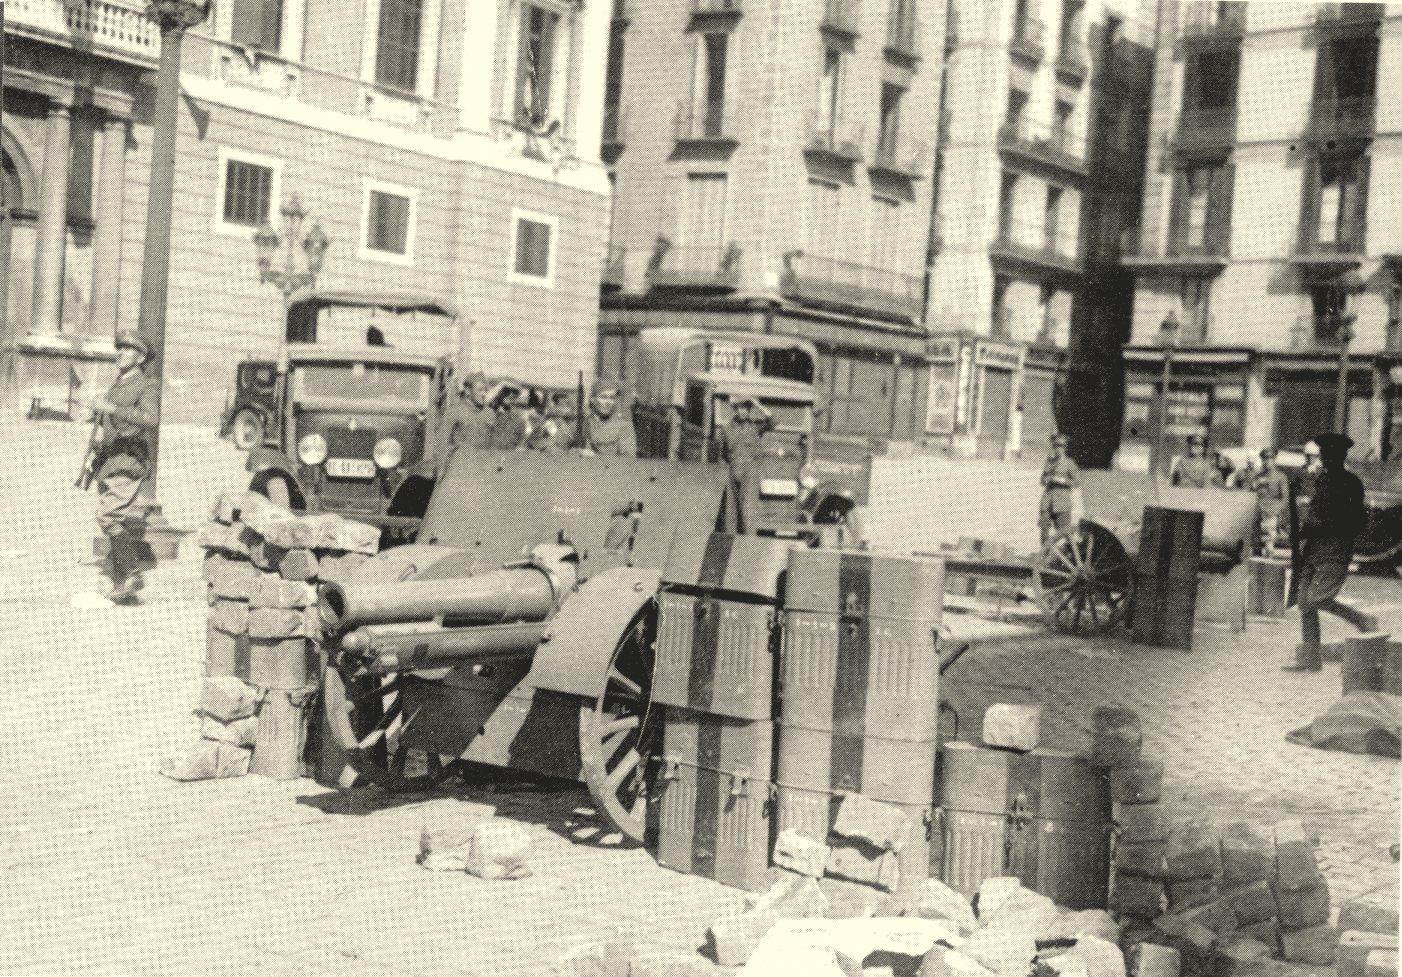 ocupacio-militar-de-la-pl-st-jaume-de-barcelona-el-dia-6-doctubre-de-1934.jpg